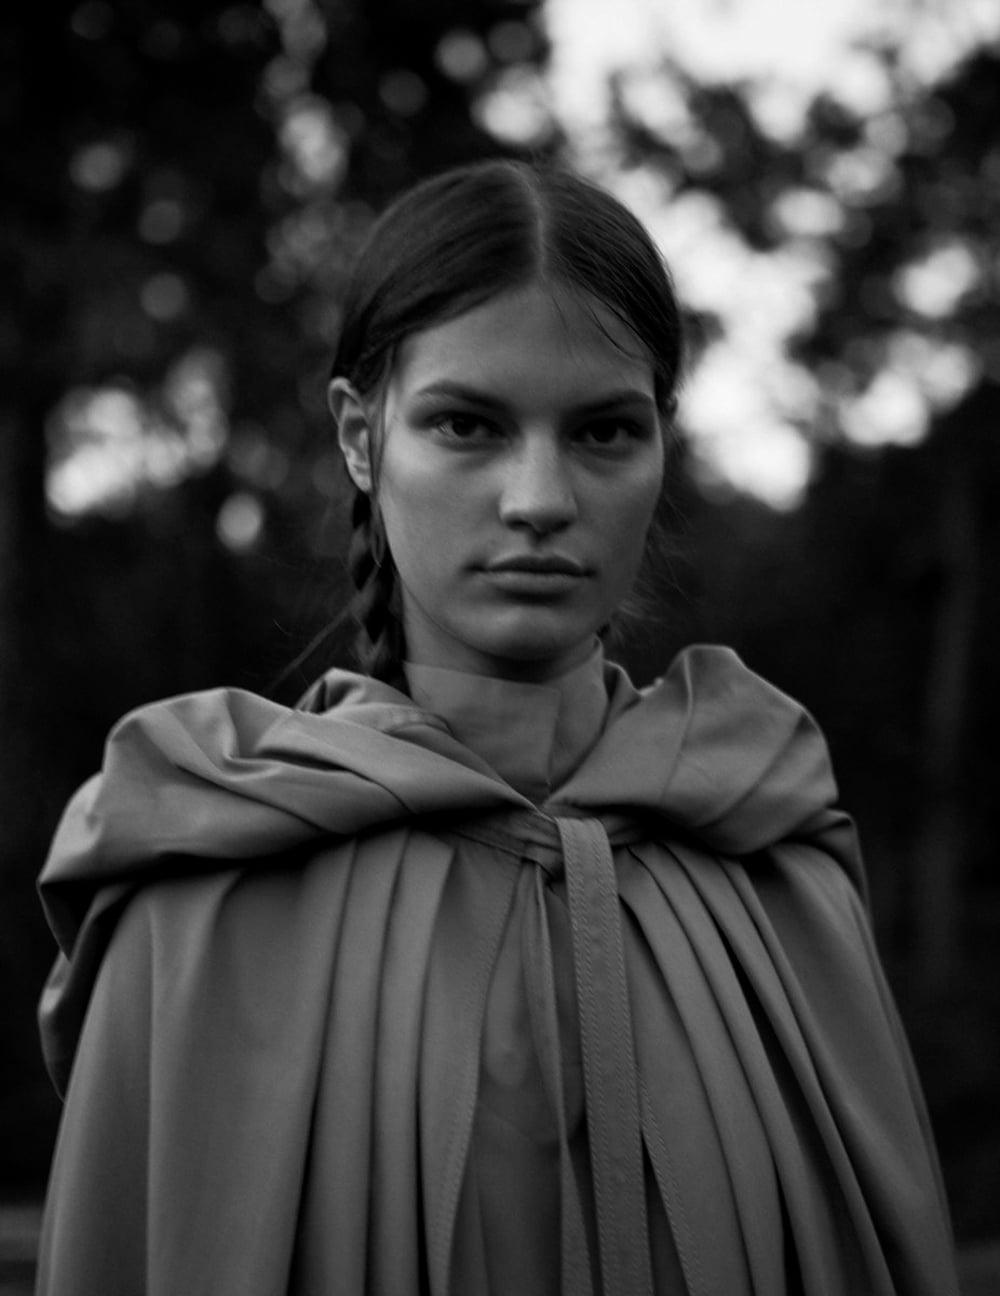 Vogue-Spain-August-2018-Faretta-by-Camilla-Akrans-13.jpg